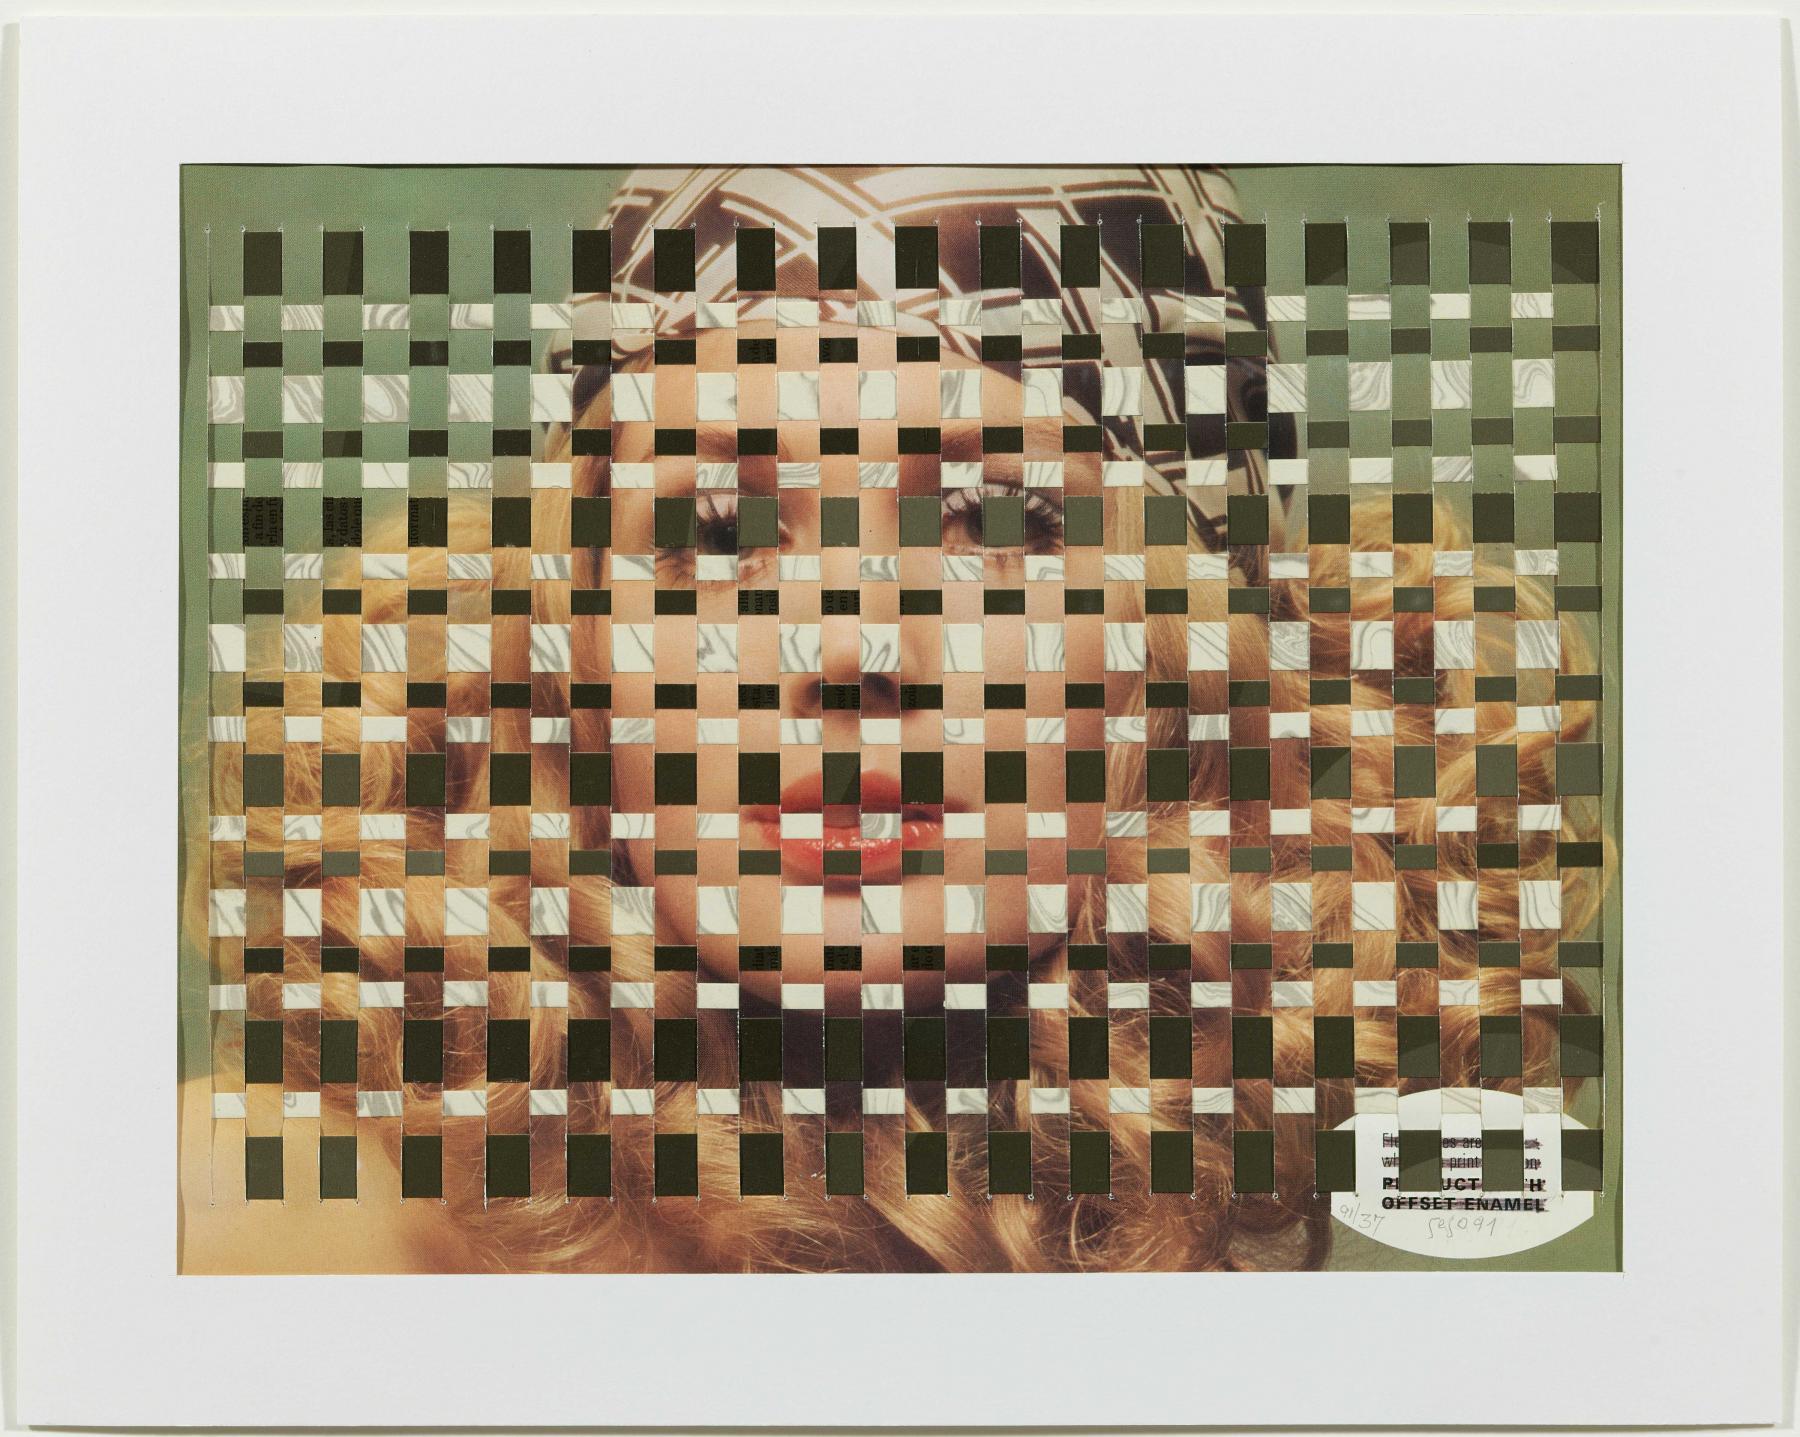 Tejedura - 91_37 (1991) - Gertrud Goldschmidt - Gego